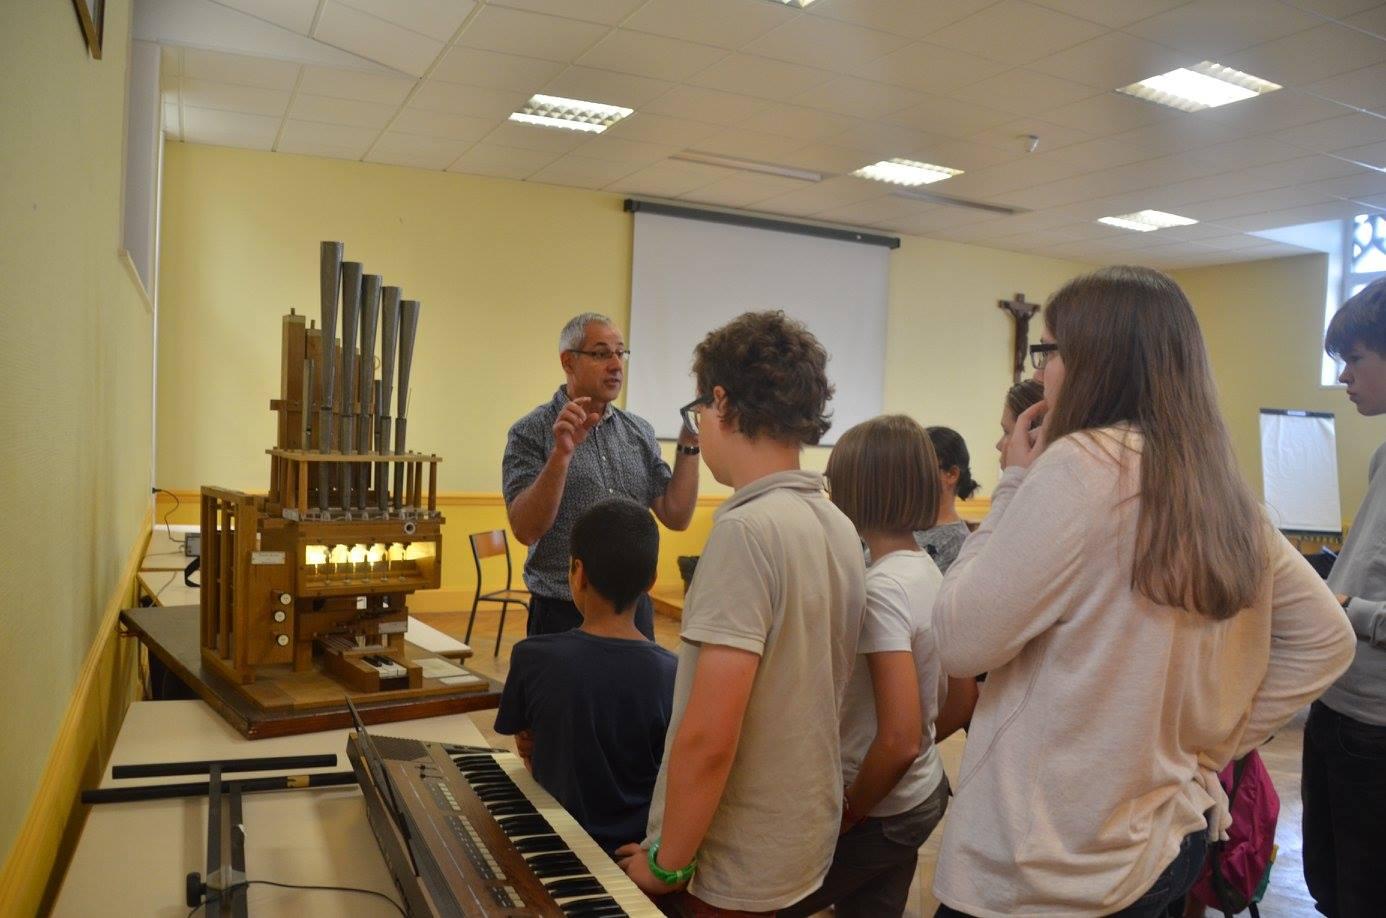 La maquette d'un orgue